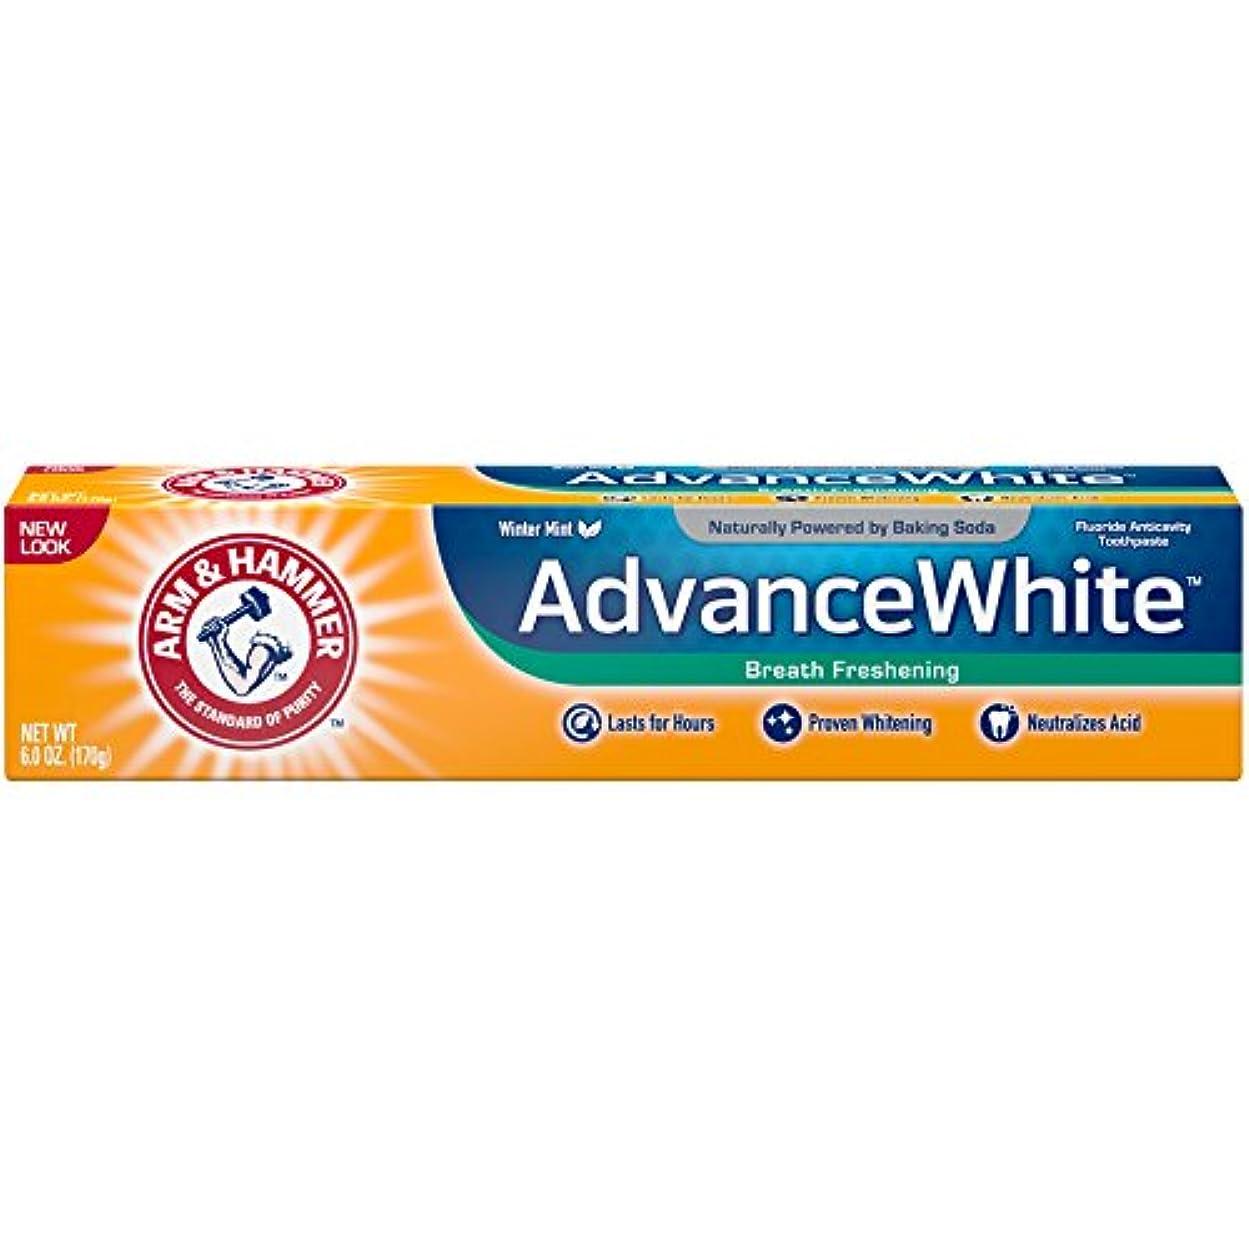 首尾一貫した小道具吸い込むアーム&ハマー アドバンス ホワイト 歯磨き粉 ブレス フレッシュニング 170g Advance White Breath Freshing Baking Soda & Frosted Mint